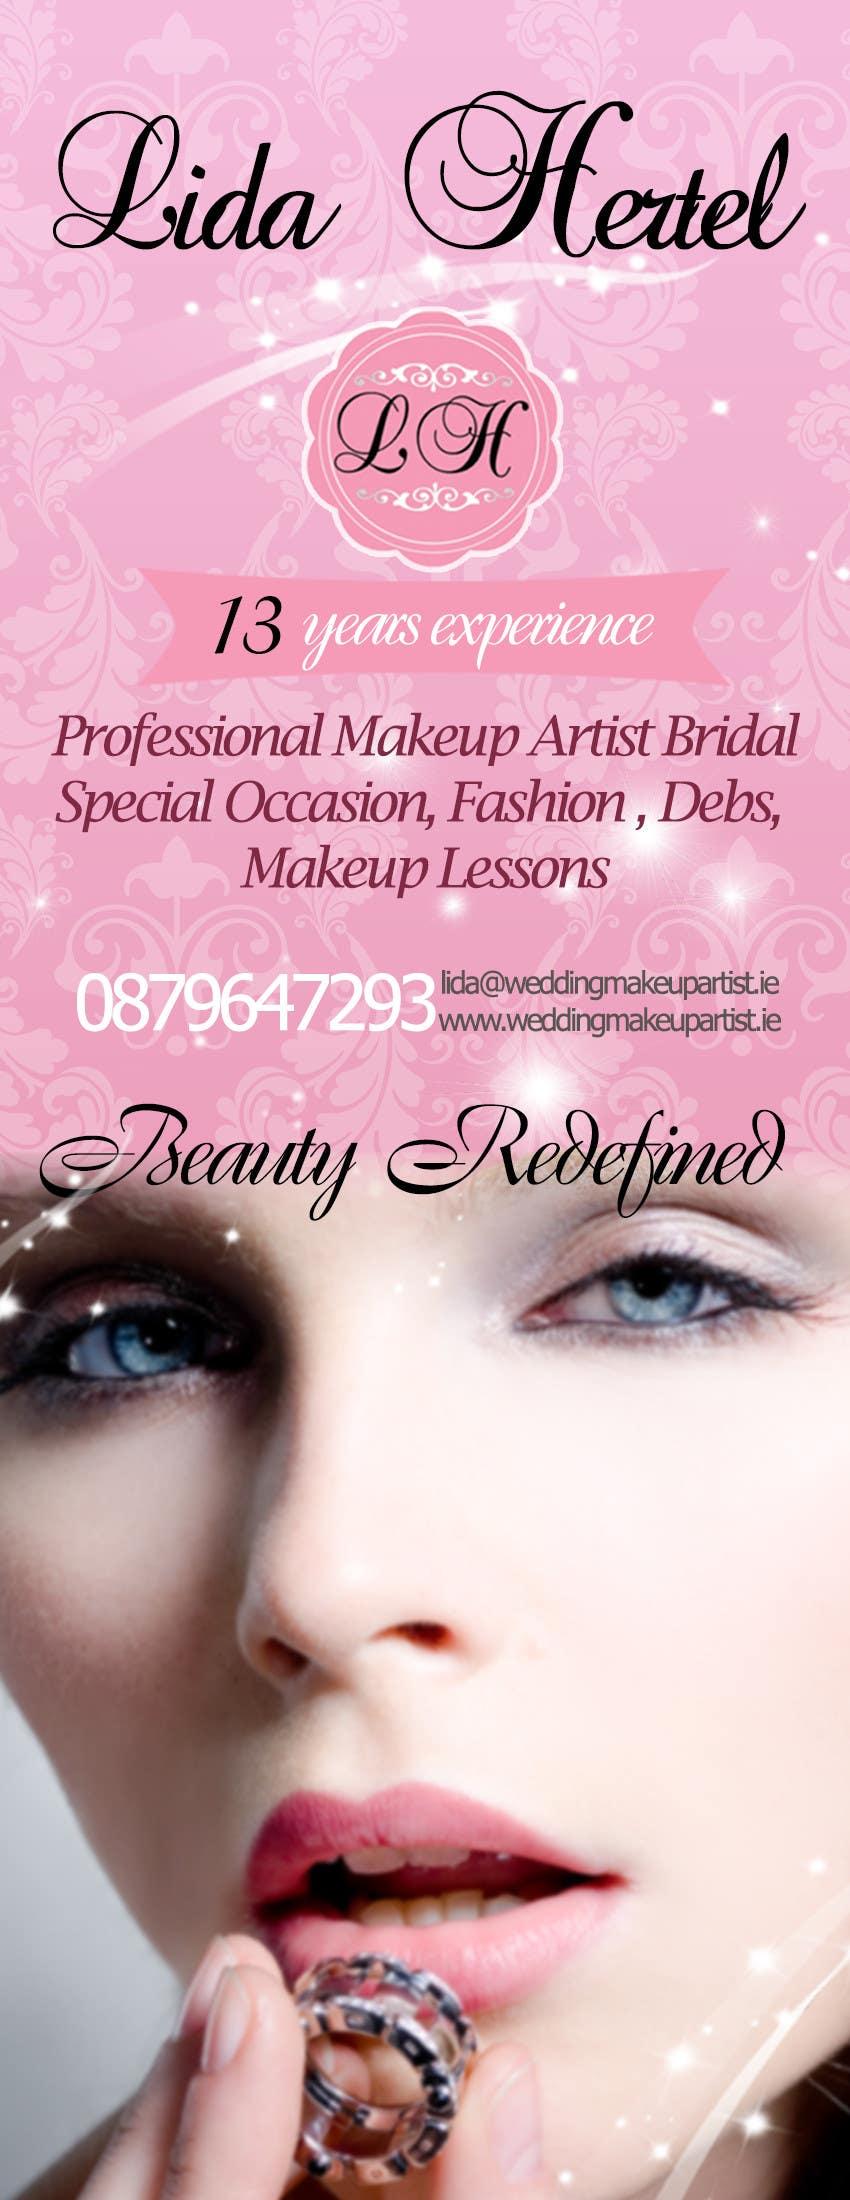 Penyertaan Peraduan #                                        17                                      untuk                                         Design a Pull-Up Banner for Makeup Artist